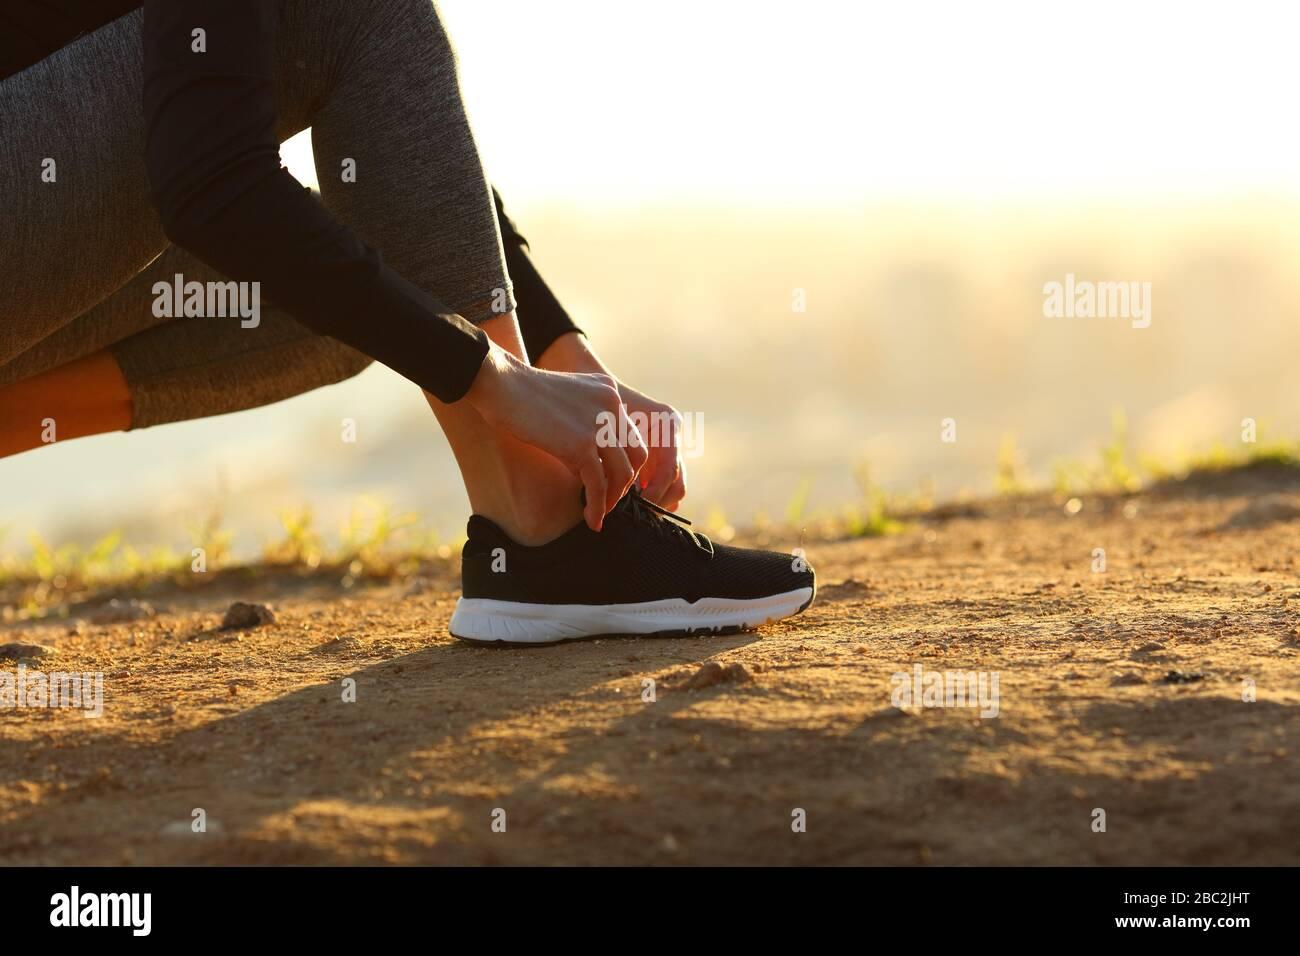 Vue latérale près de la femme de coureur mains nouant des lacets de chaussures sur le sol au coucher du soleil Banque D'Images